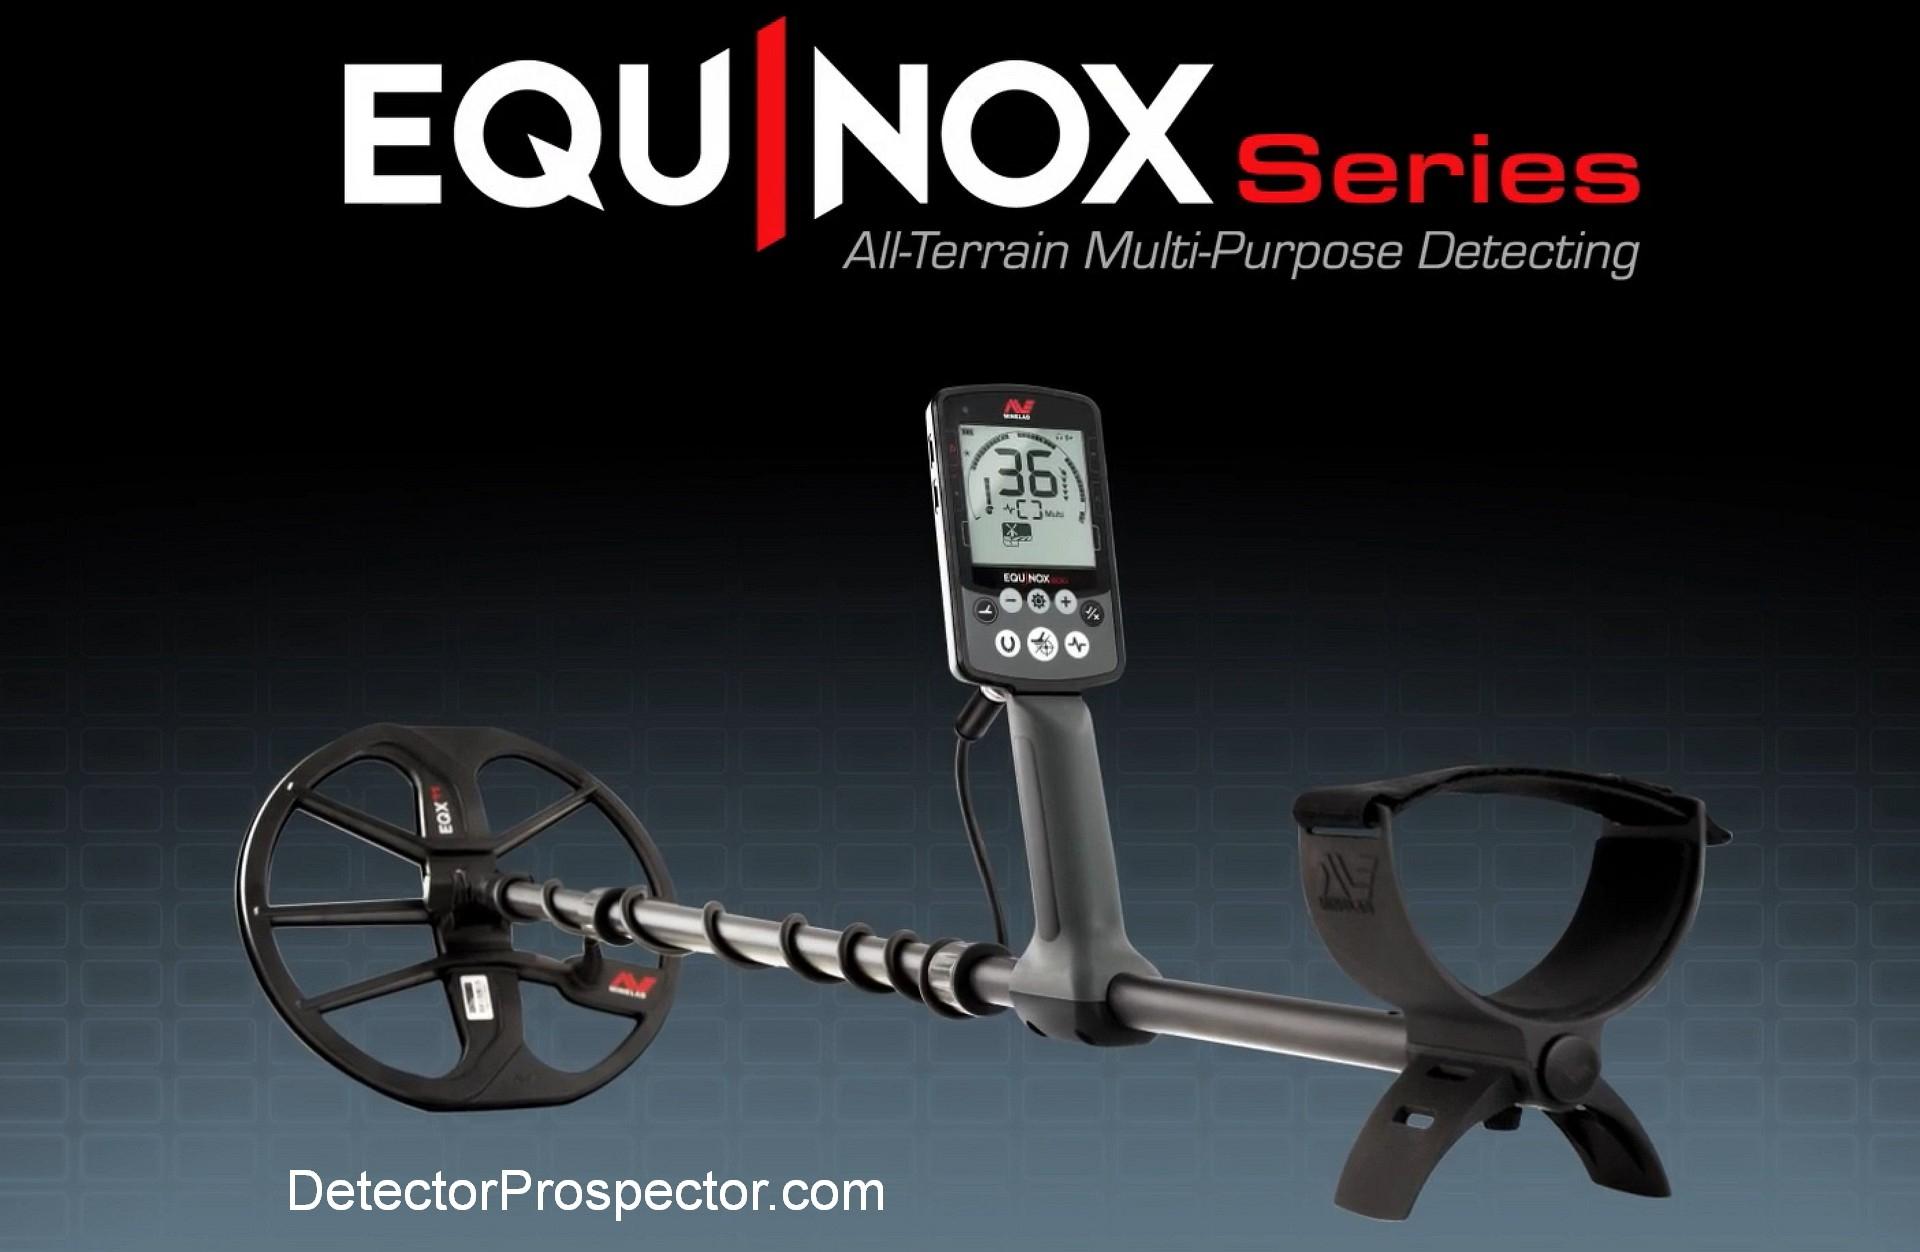 minelab-equinox-metal-detector-large-studio-multifrequency-waterproof-wireless-dark.jpg